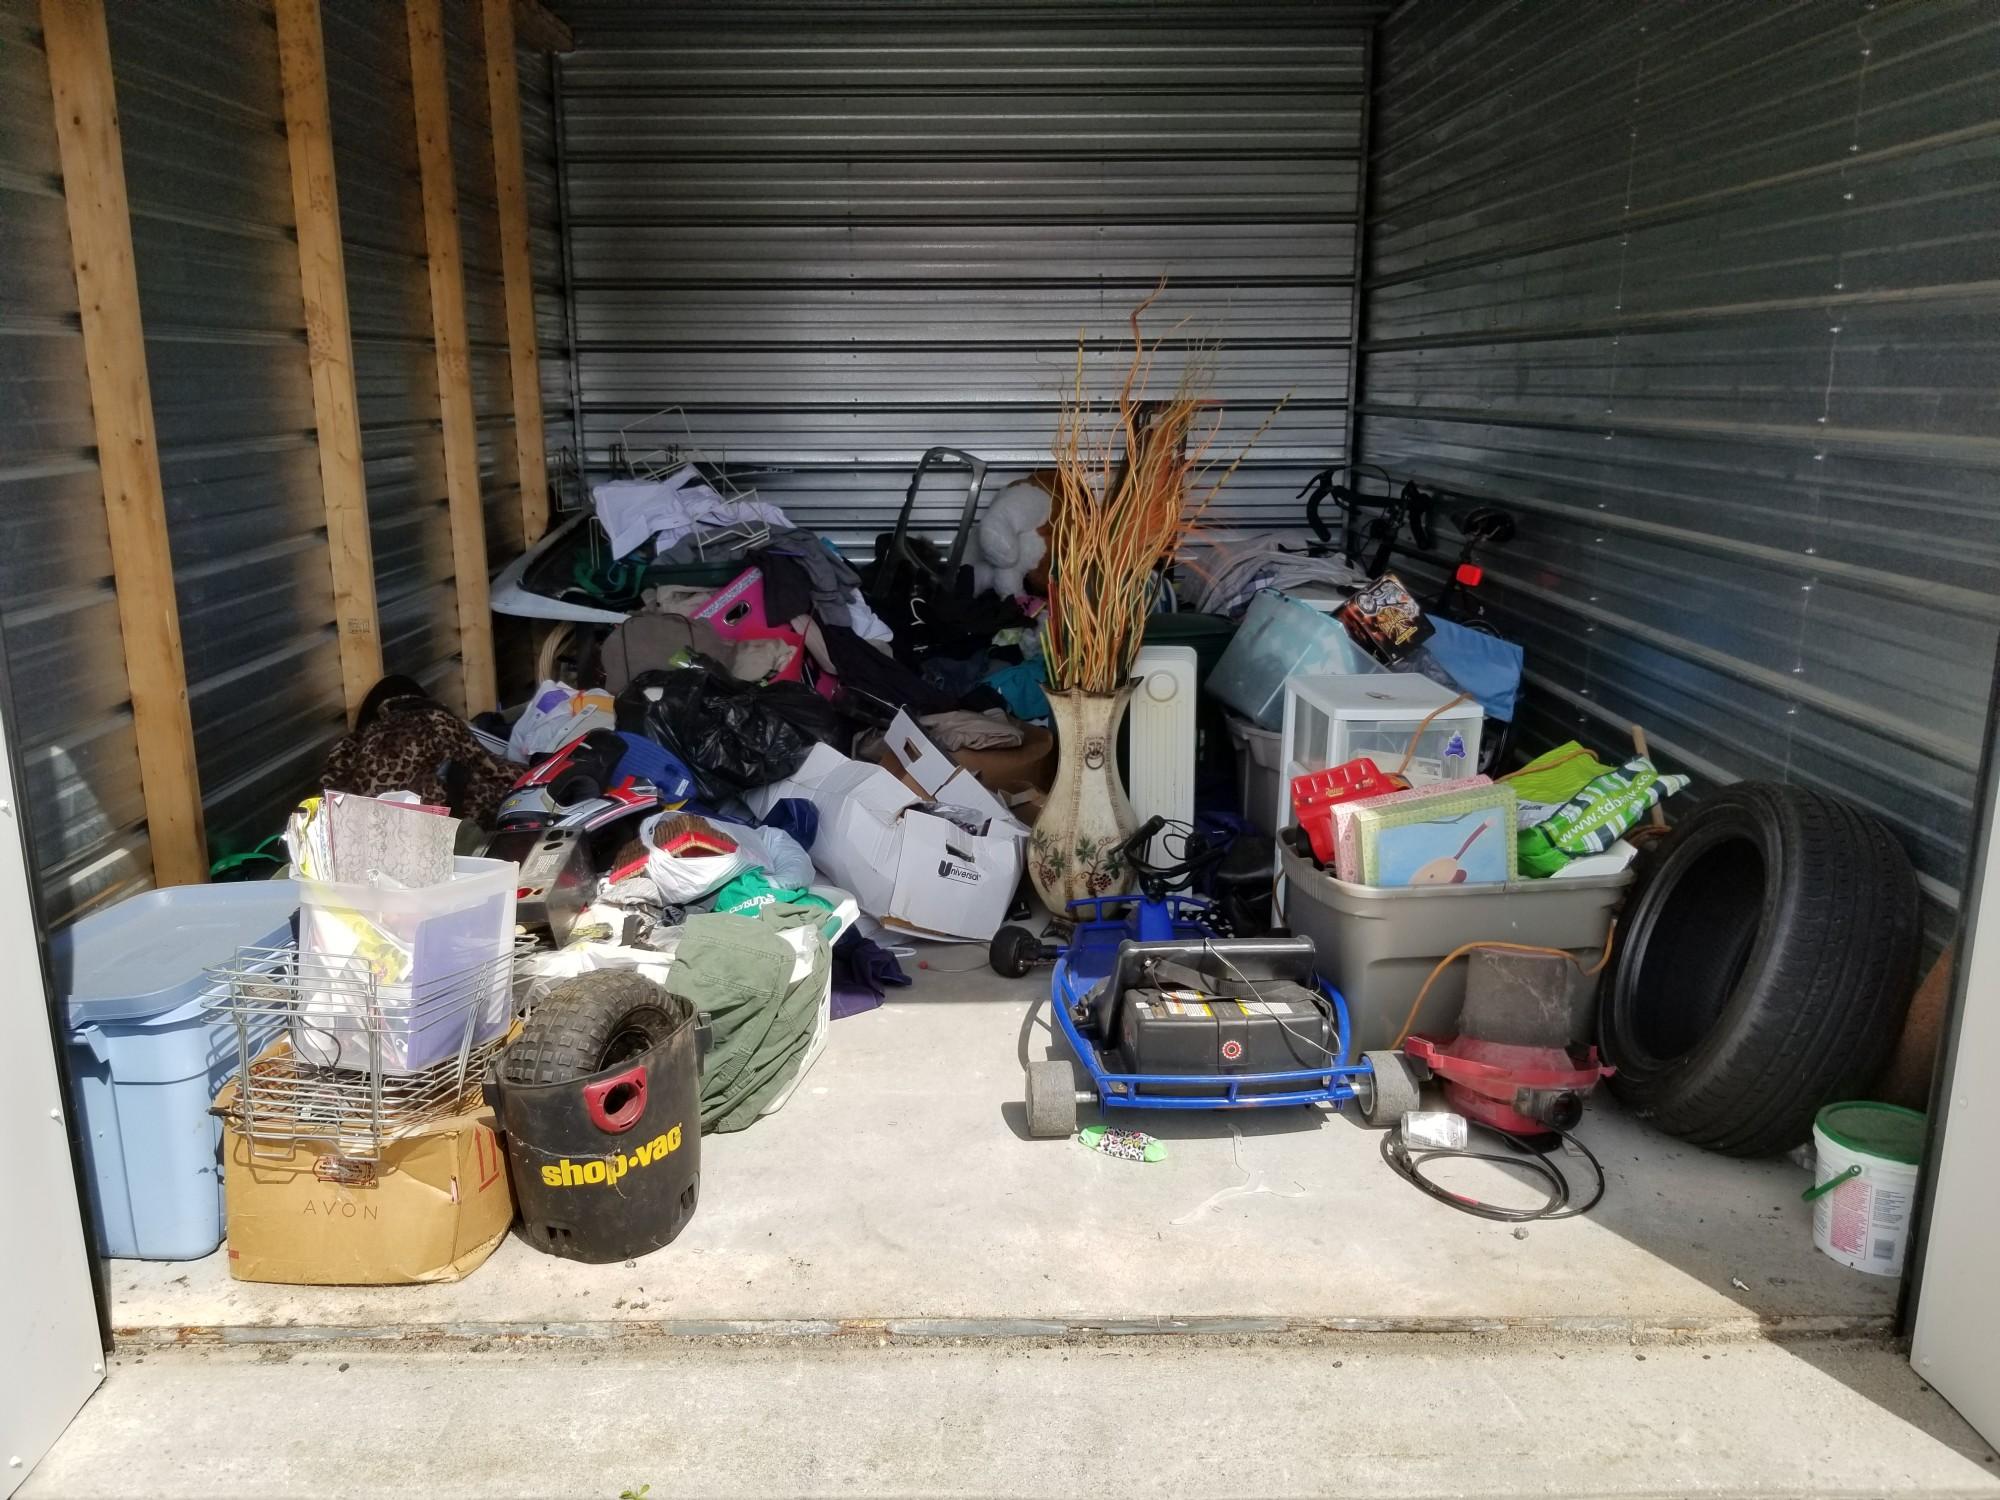 Storage Unit Auction: 826250 | Bridgeton, NJ